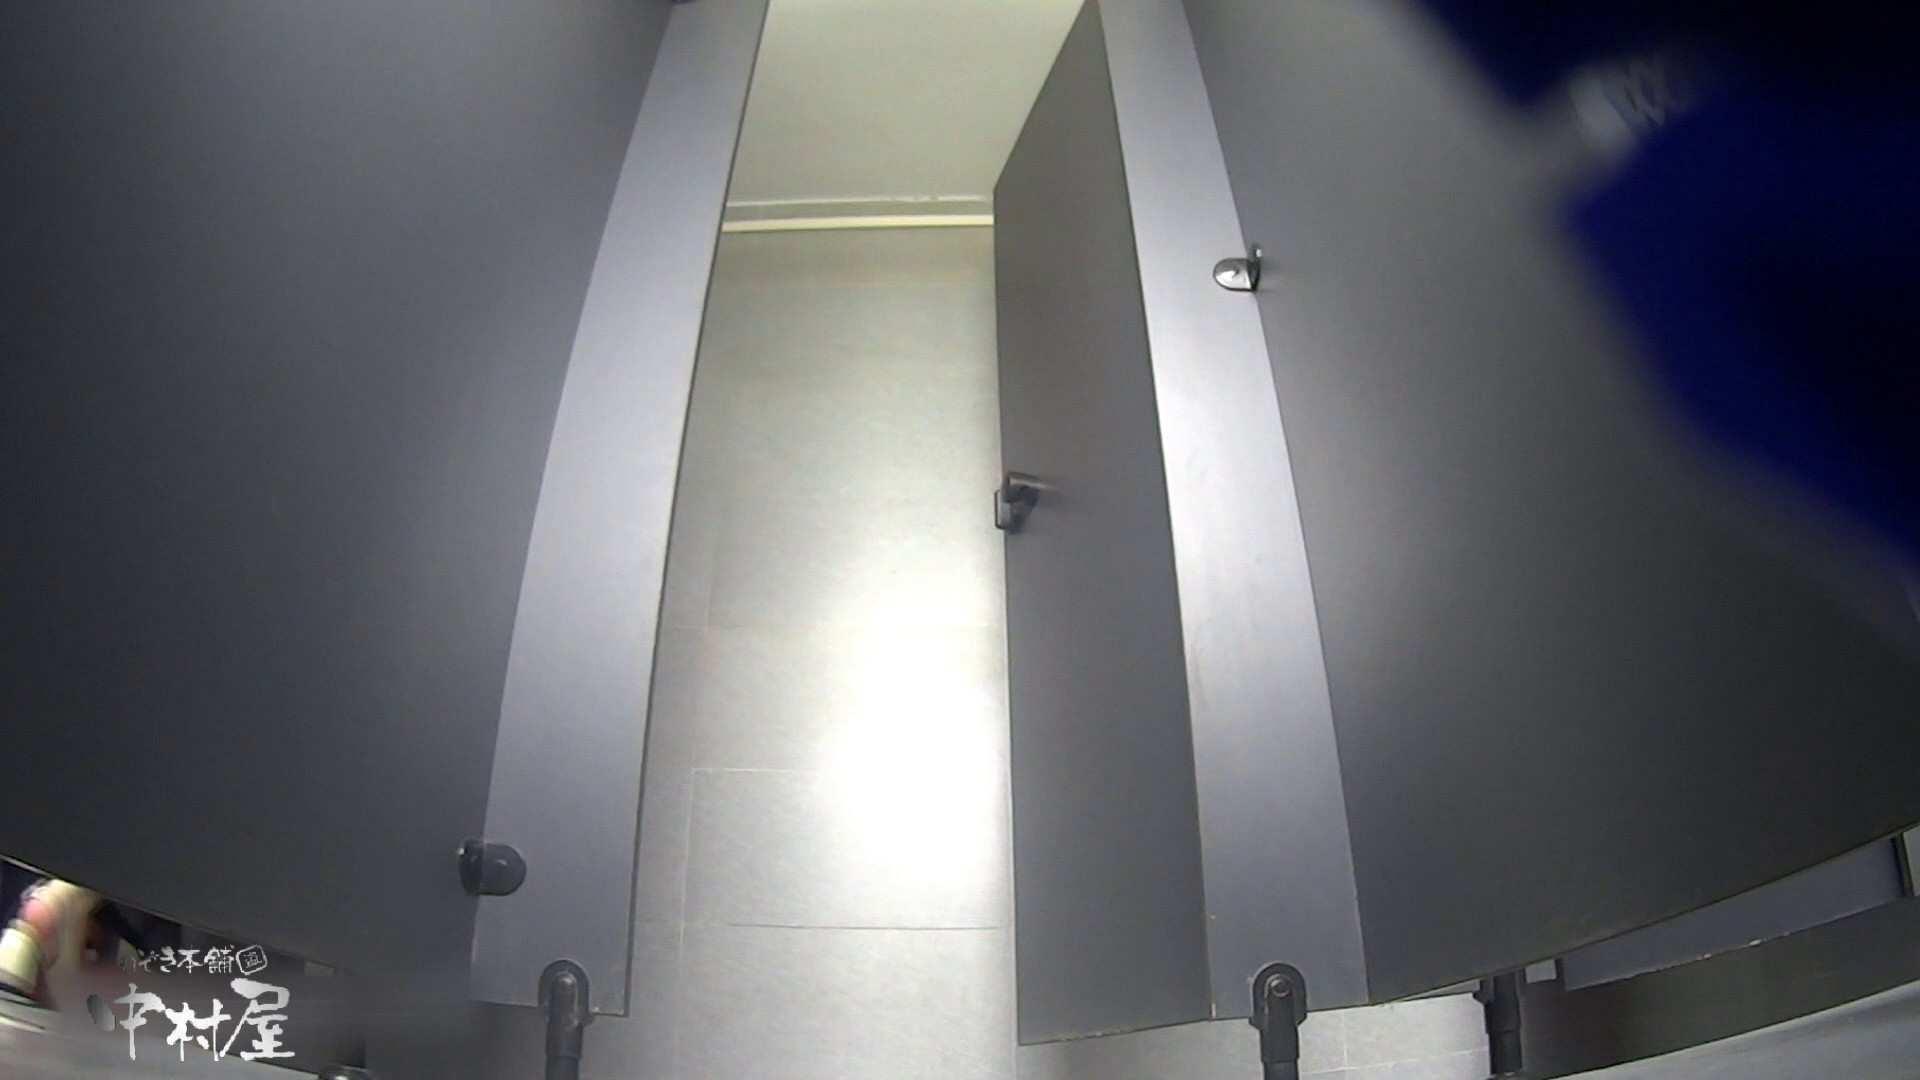 ツンデレお女市さんのトイレ事情 大学休憩時間の洗面所事情32 0   0  102pic 15